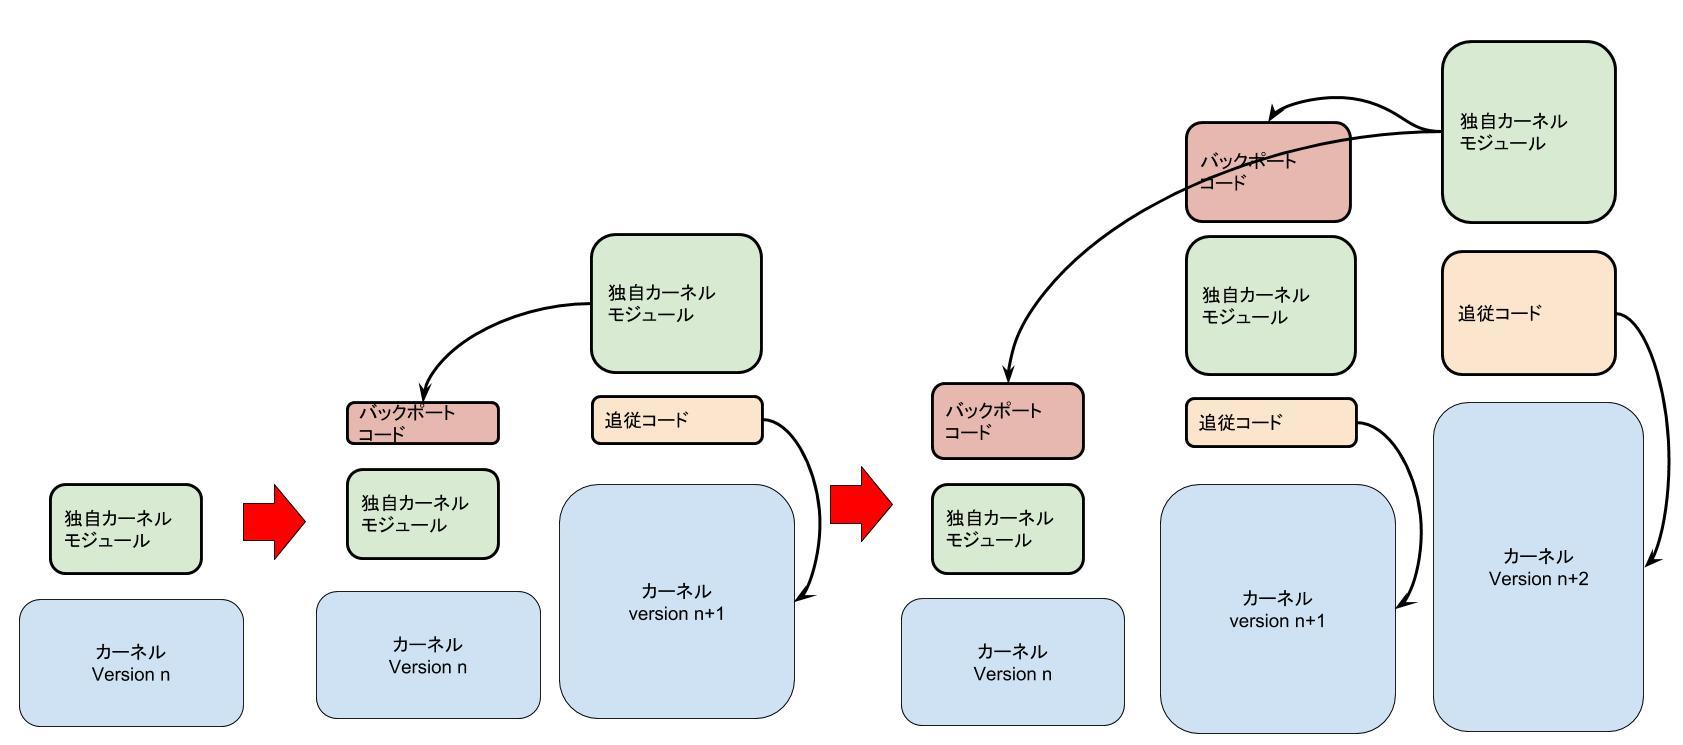 module_multi (4).jpg